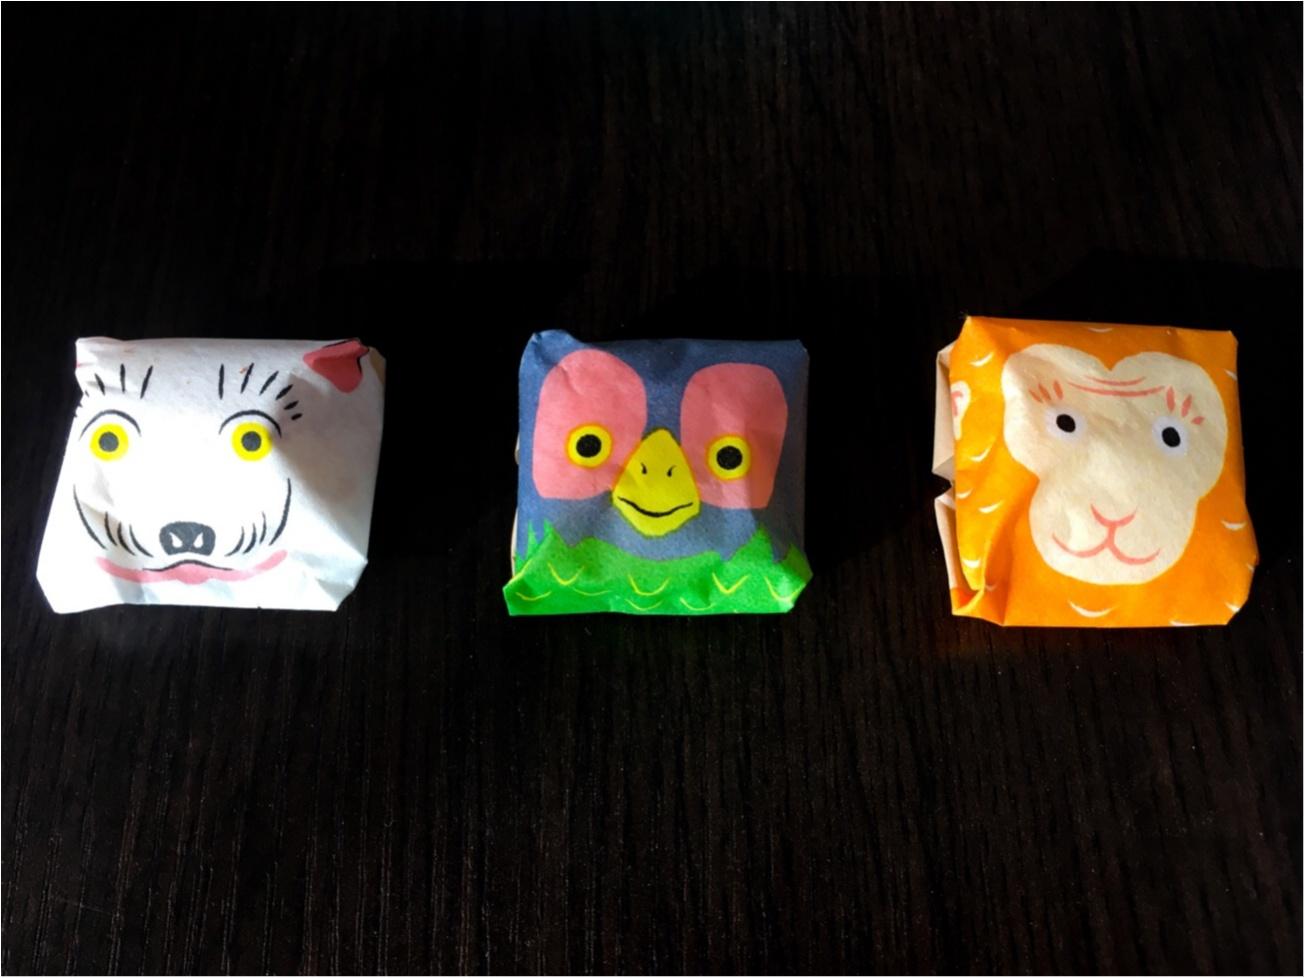 【マストBUY★岡山土産ならコレ!】まるで絵本?!あの桃太郎モチーフのお菓子にカワイイが止まらない❁_4